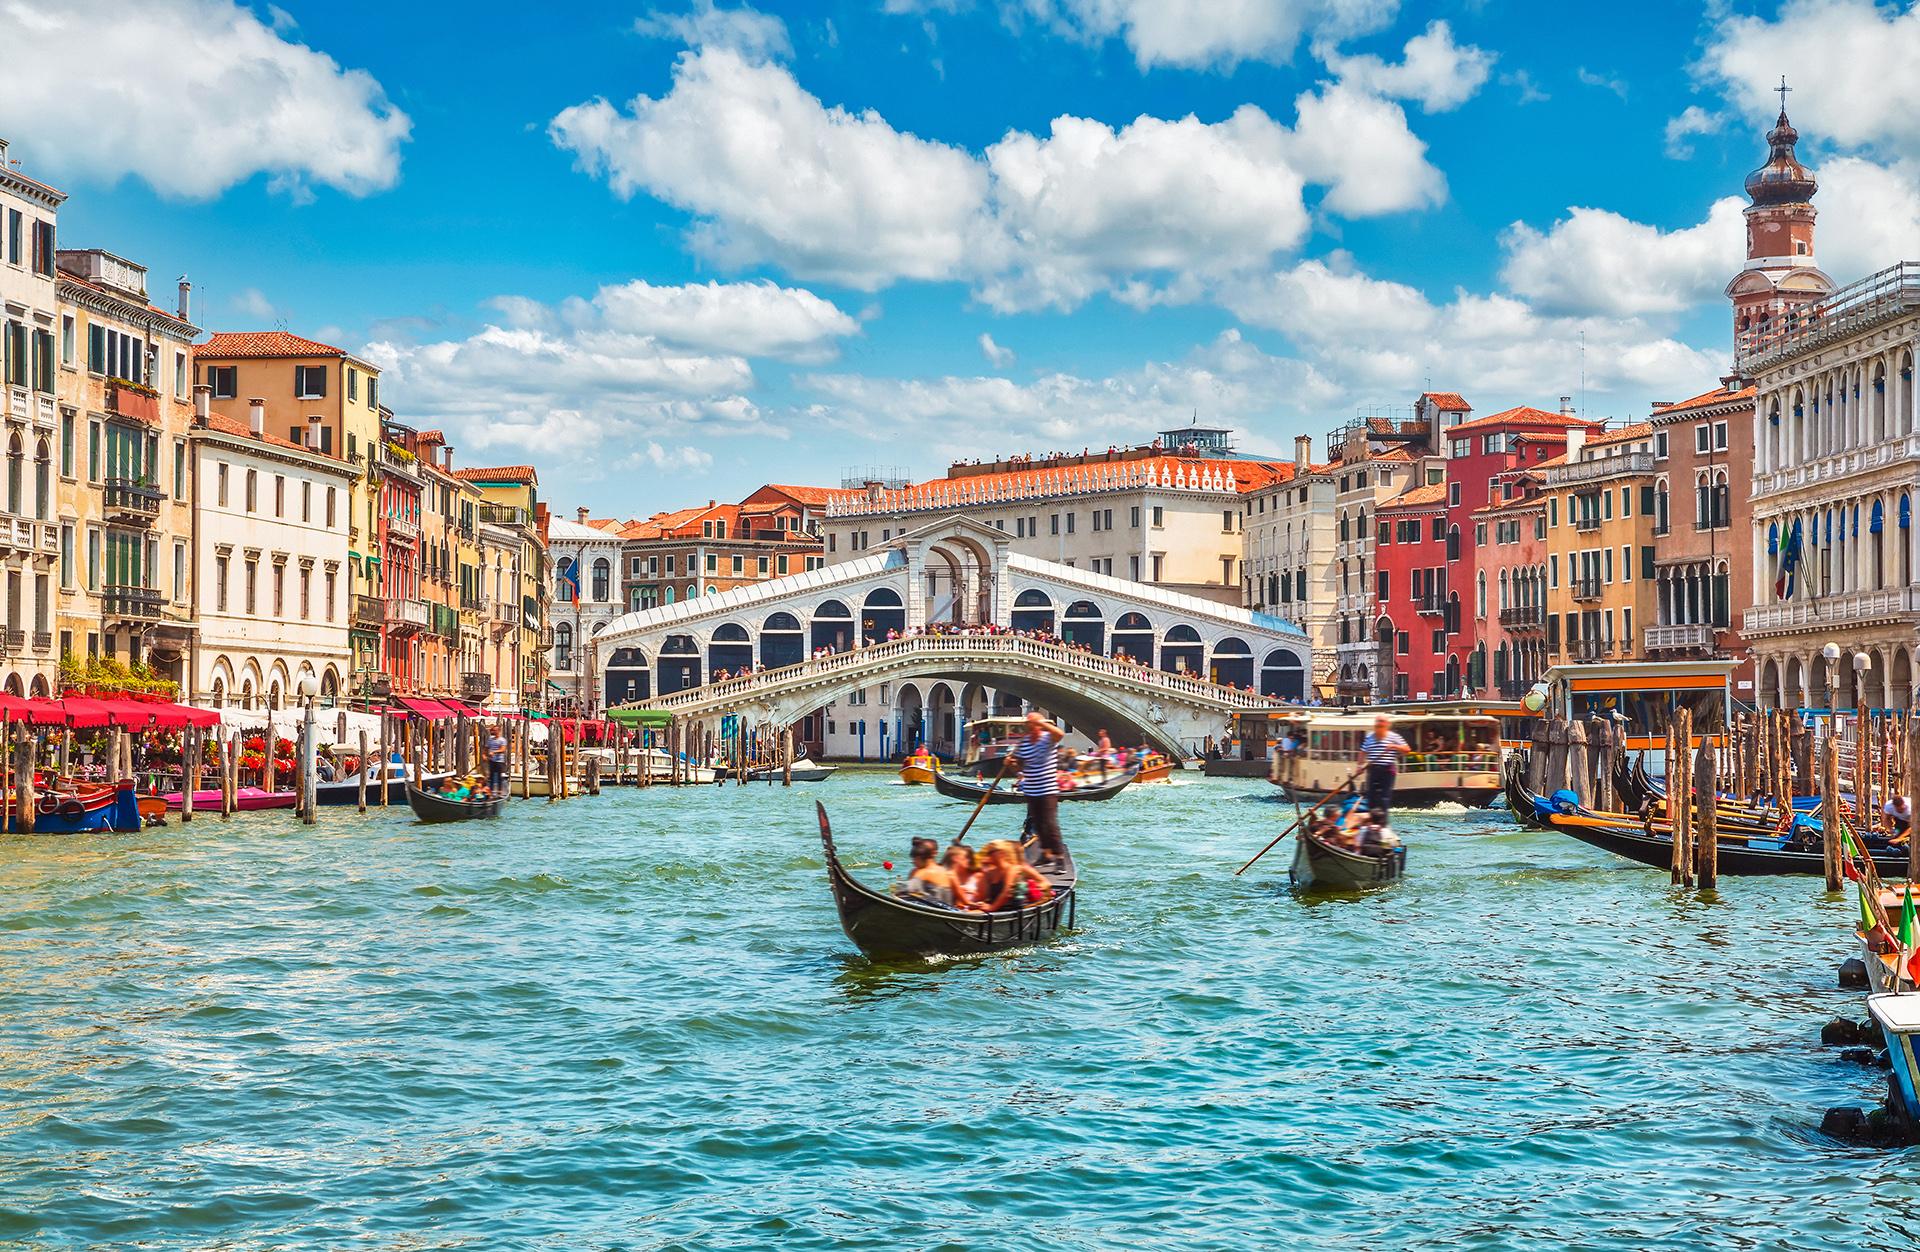 Recorridas en góndolas por las calles de Venecia. La llegada a la mítica Plaza de San Marcos y el puente Rialto, uno de los más famosos de toda la ciudad. Los gondoleros reciben a los turistas con sus trajes típicos y sombreros y llevan a recorrer Venecia por los canales